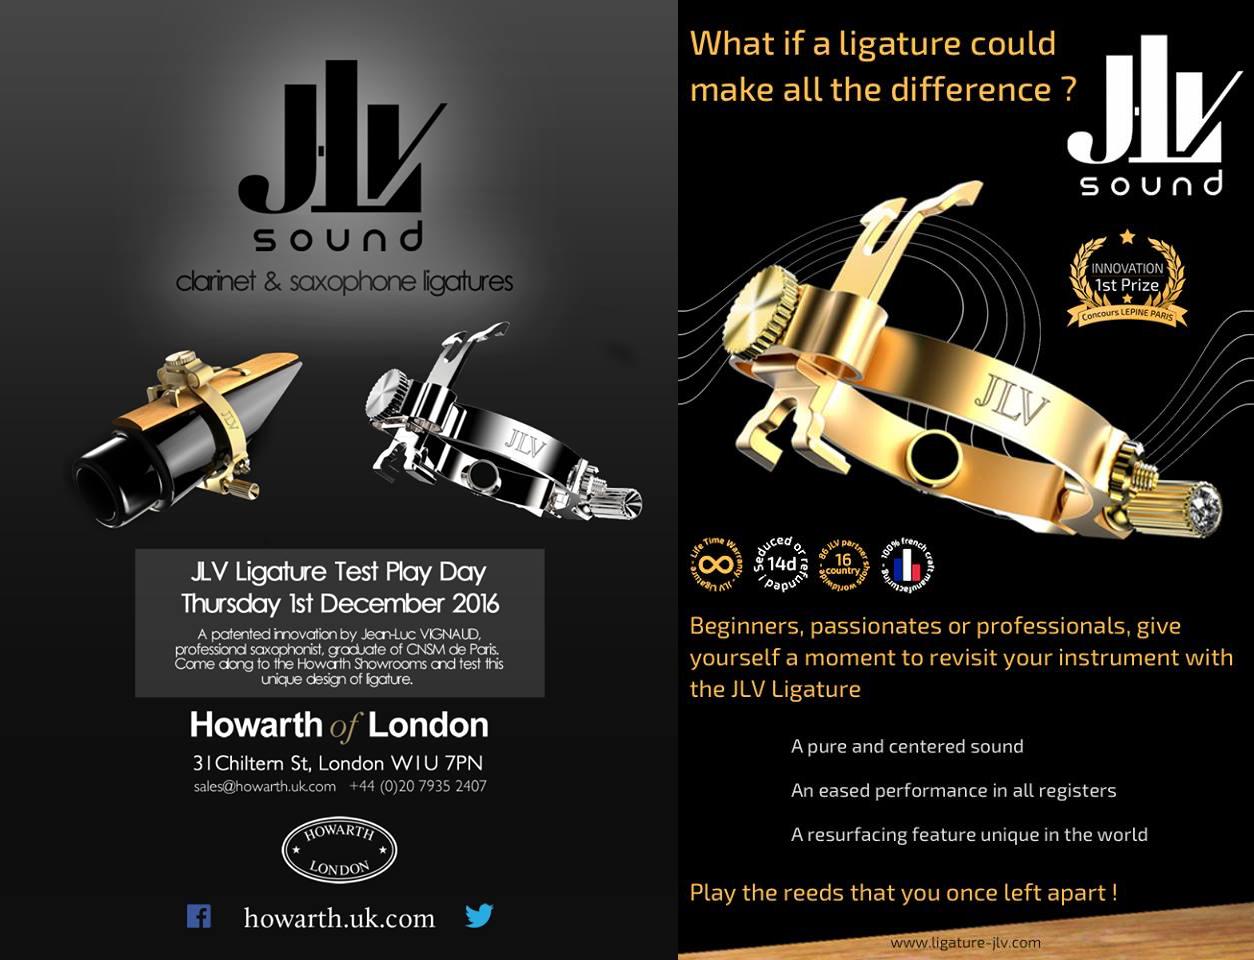 Le 1er décembre 2016 de 10h à 17h30, retrouvez l'inventeur des Ligatures JLV chez Howarth of London